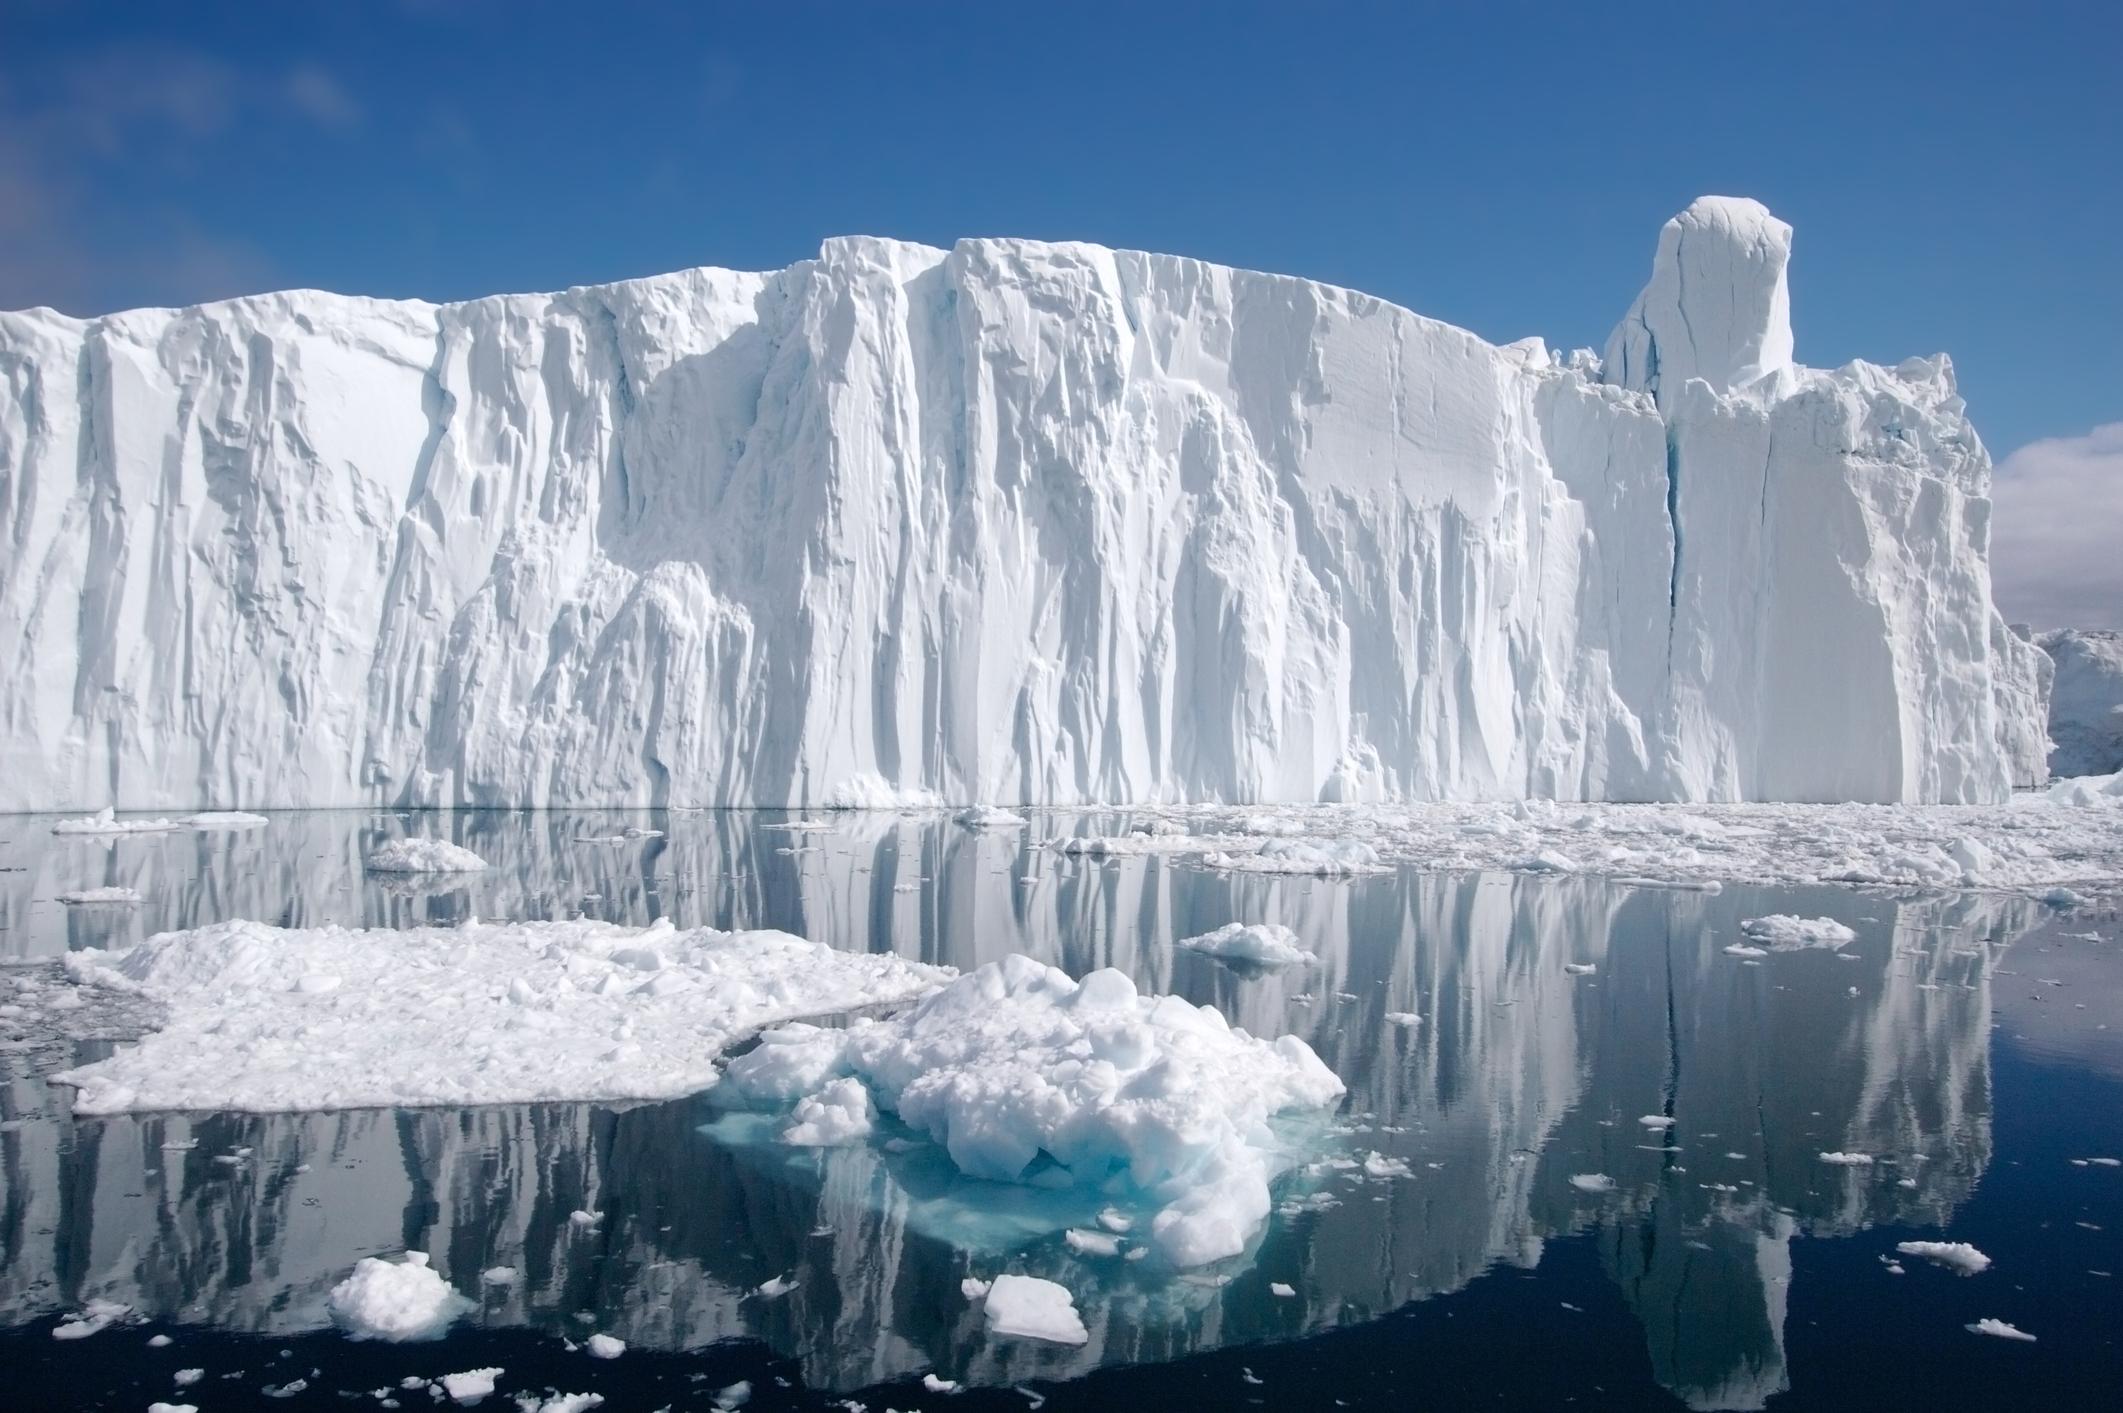 La glace nous parle